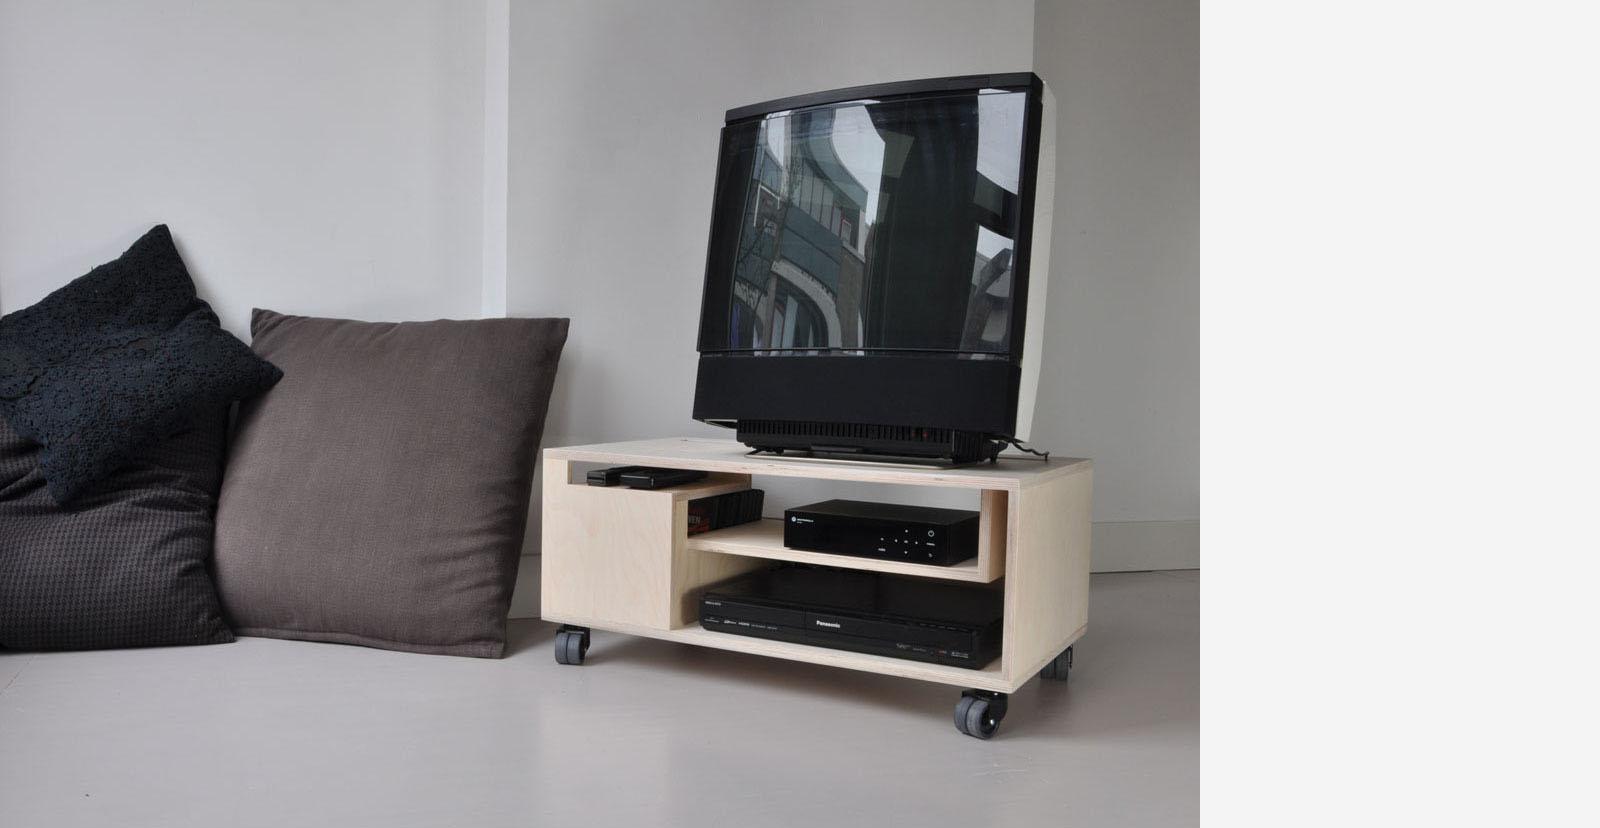 Tv Meubel Wieltjes : Tv meubel blank hout op wieltjes in utrecht gratis af te halen